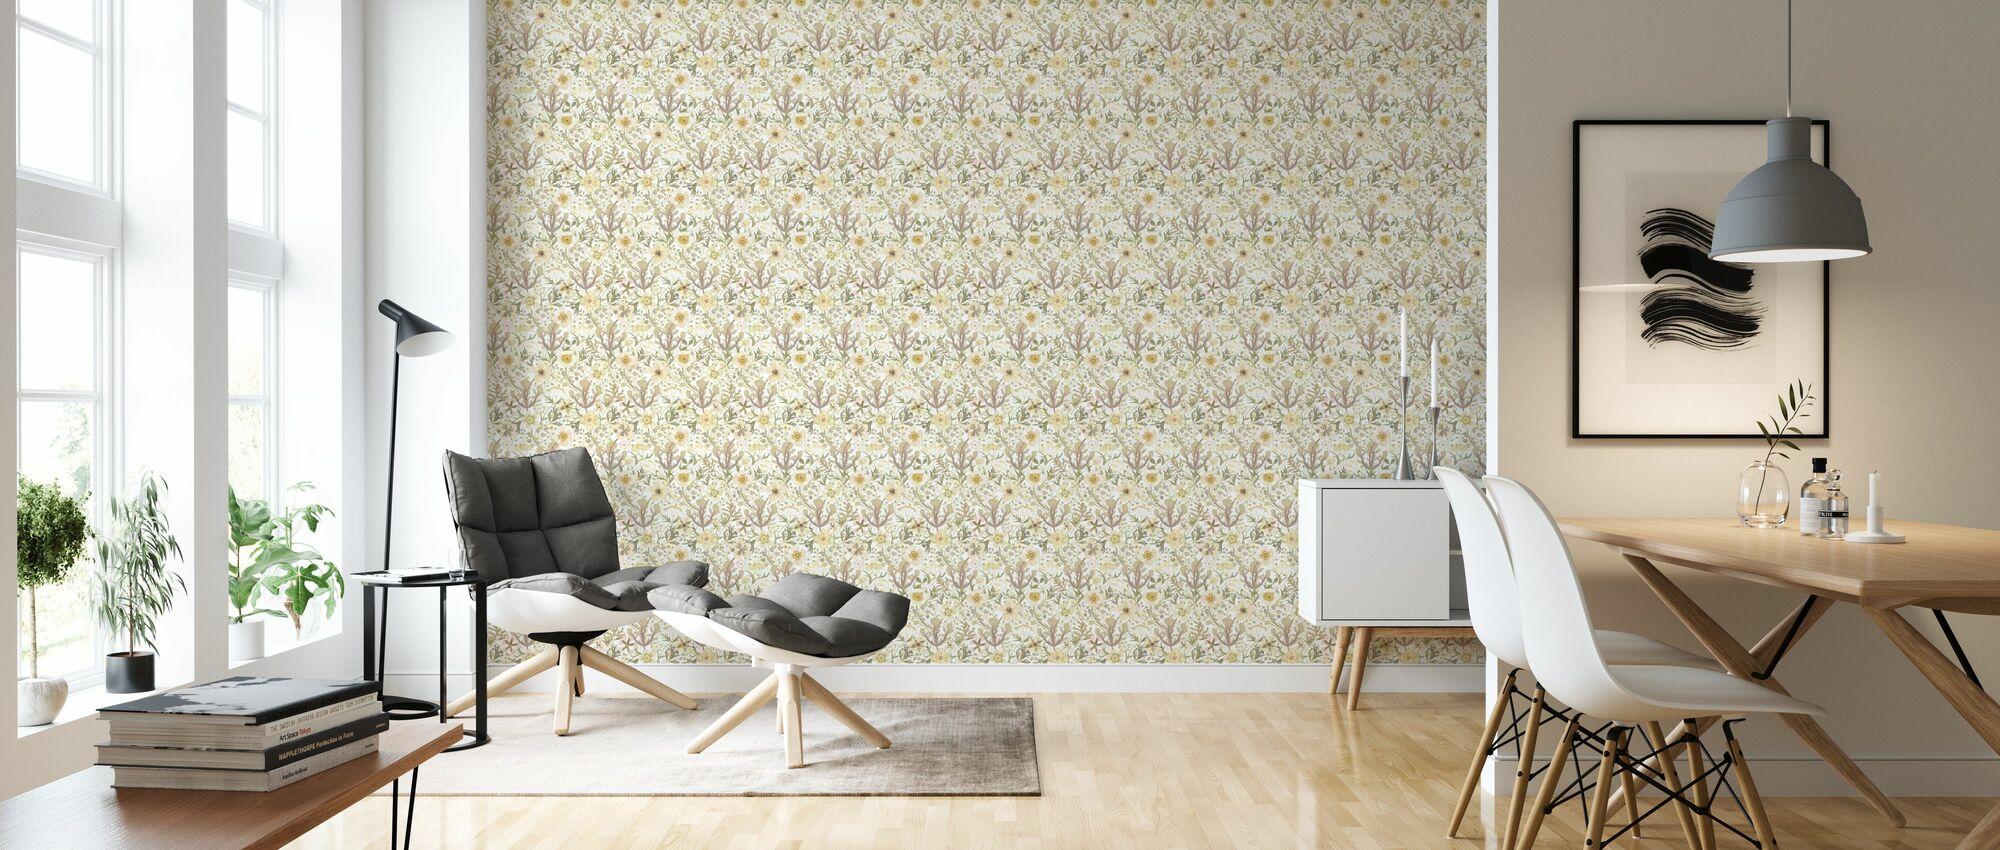 Anemone - White - Wallpaper - Living Room